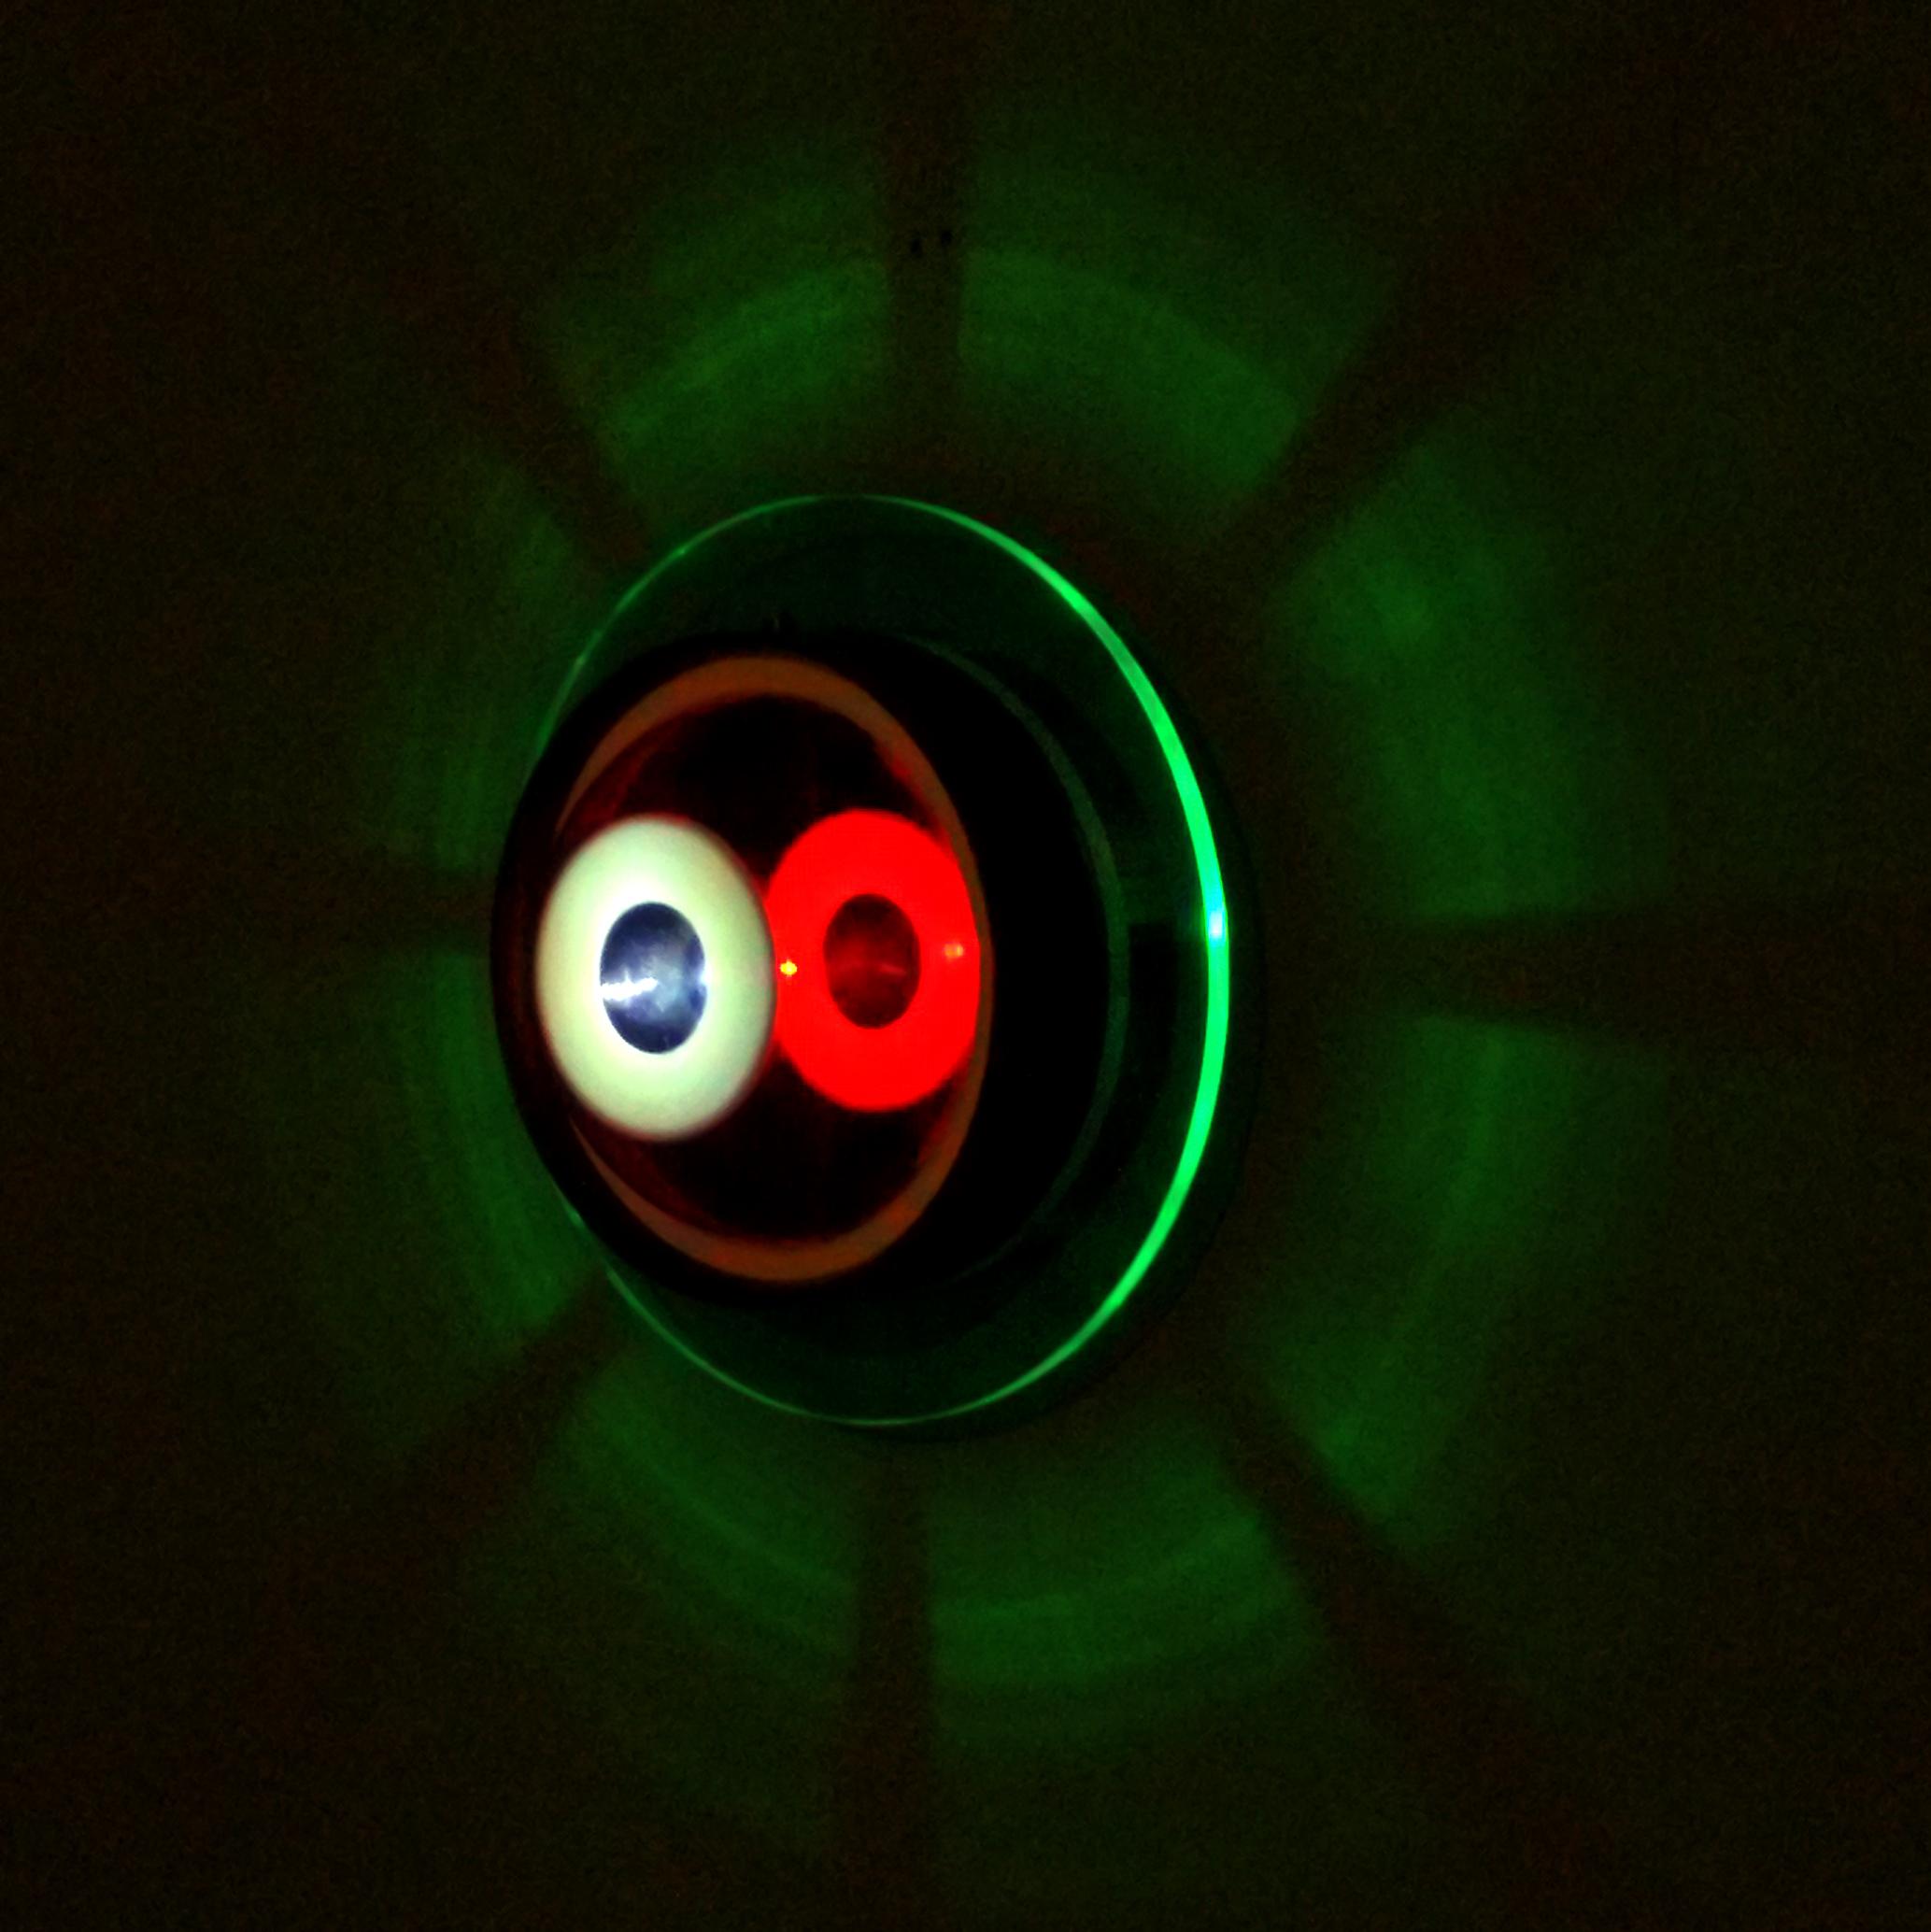 Turbinha Esquerda, 2 carcaças de relógios, acrílico, PET, espelho, tinta esmalte, tinta automotiva, tinta fosforescente, lâmpada de led, lâmpada incandescente, interruptor, suporte para pilhas e madeira. Diâmetro de 35 cm x 14 cm, 2017